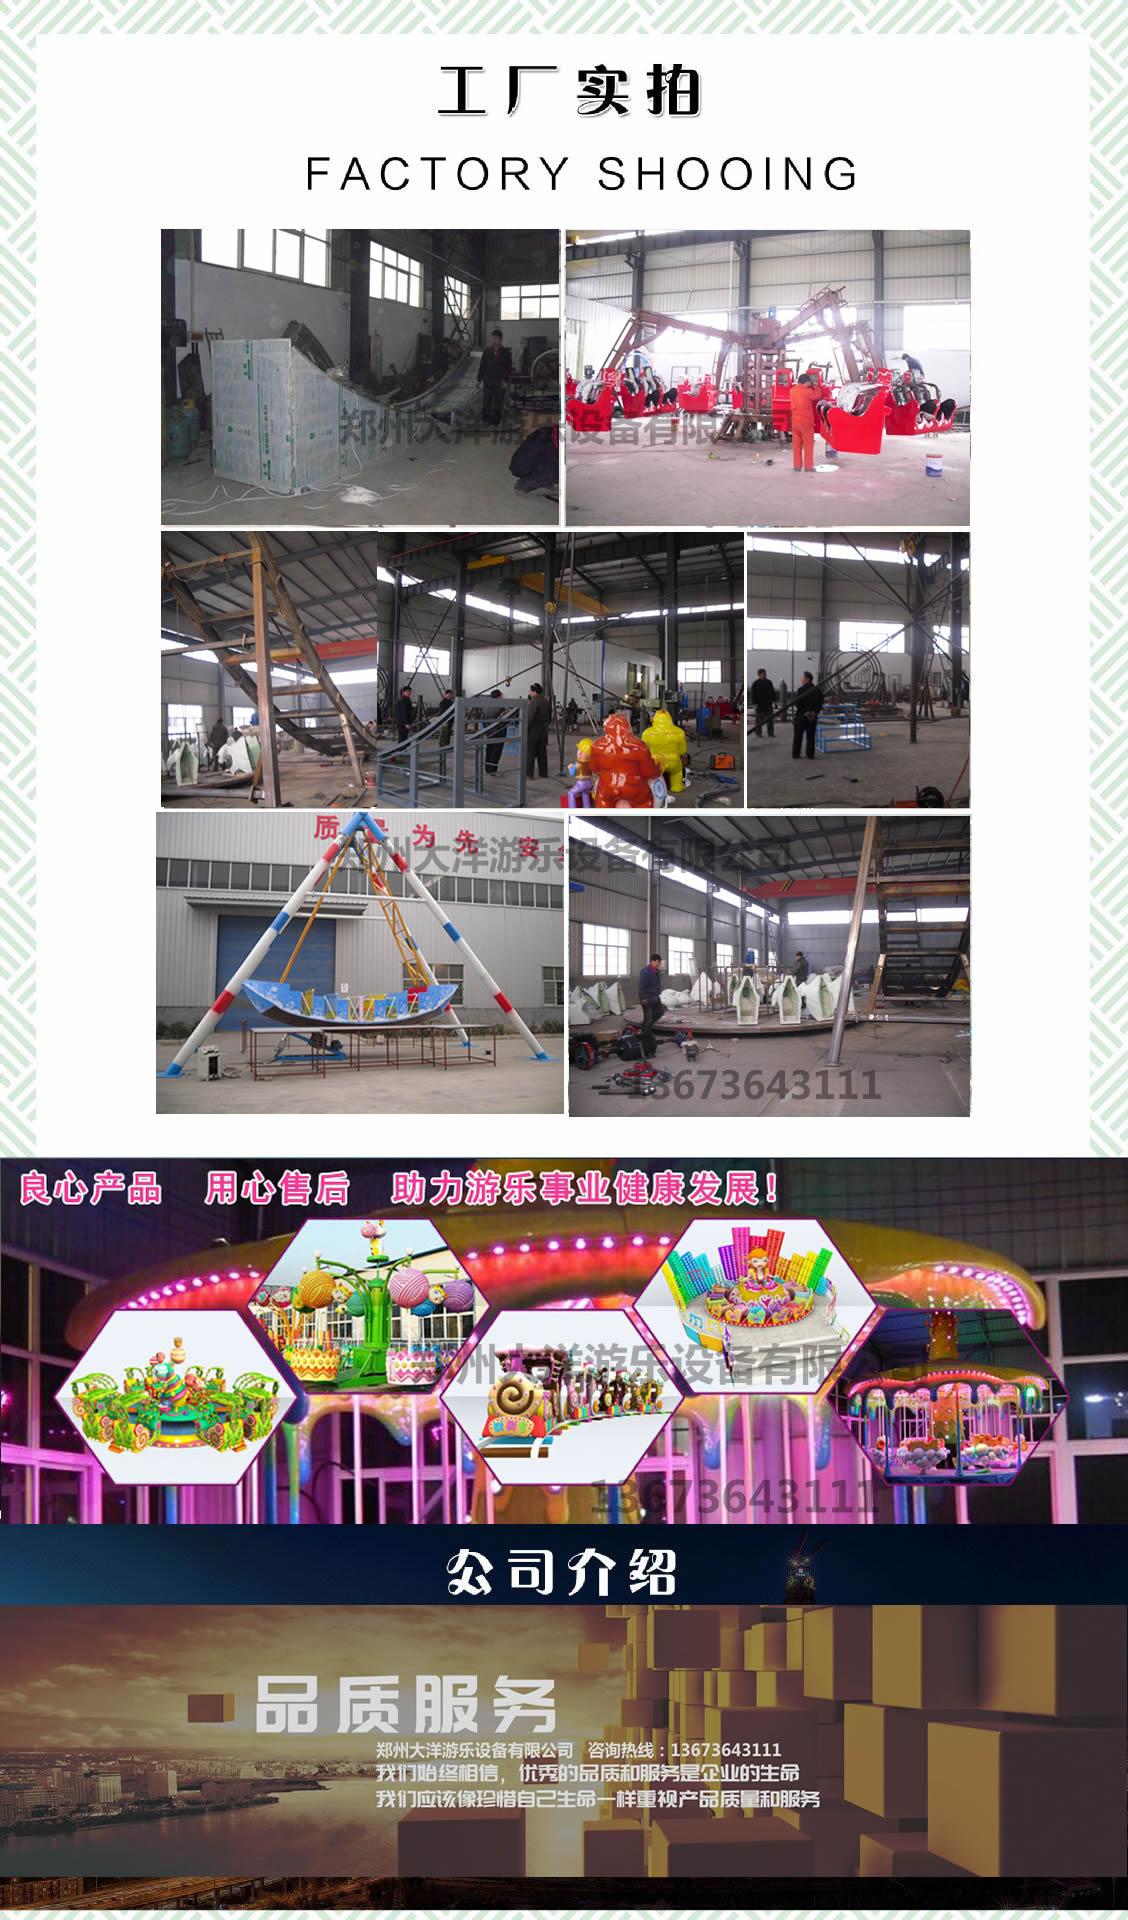 新款广场小型游乐设备小蹦极 郑州大洋专业生产4人蹦极游乐设备示例图59